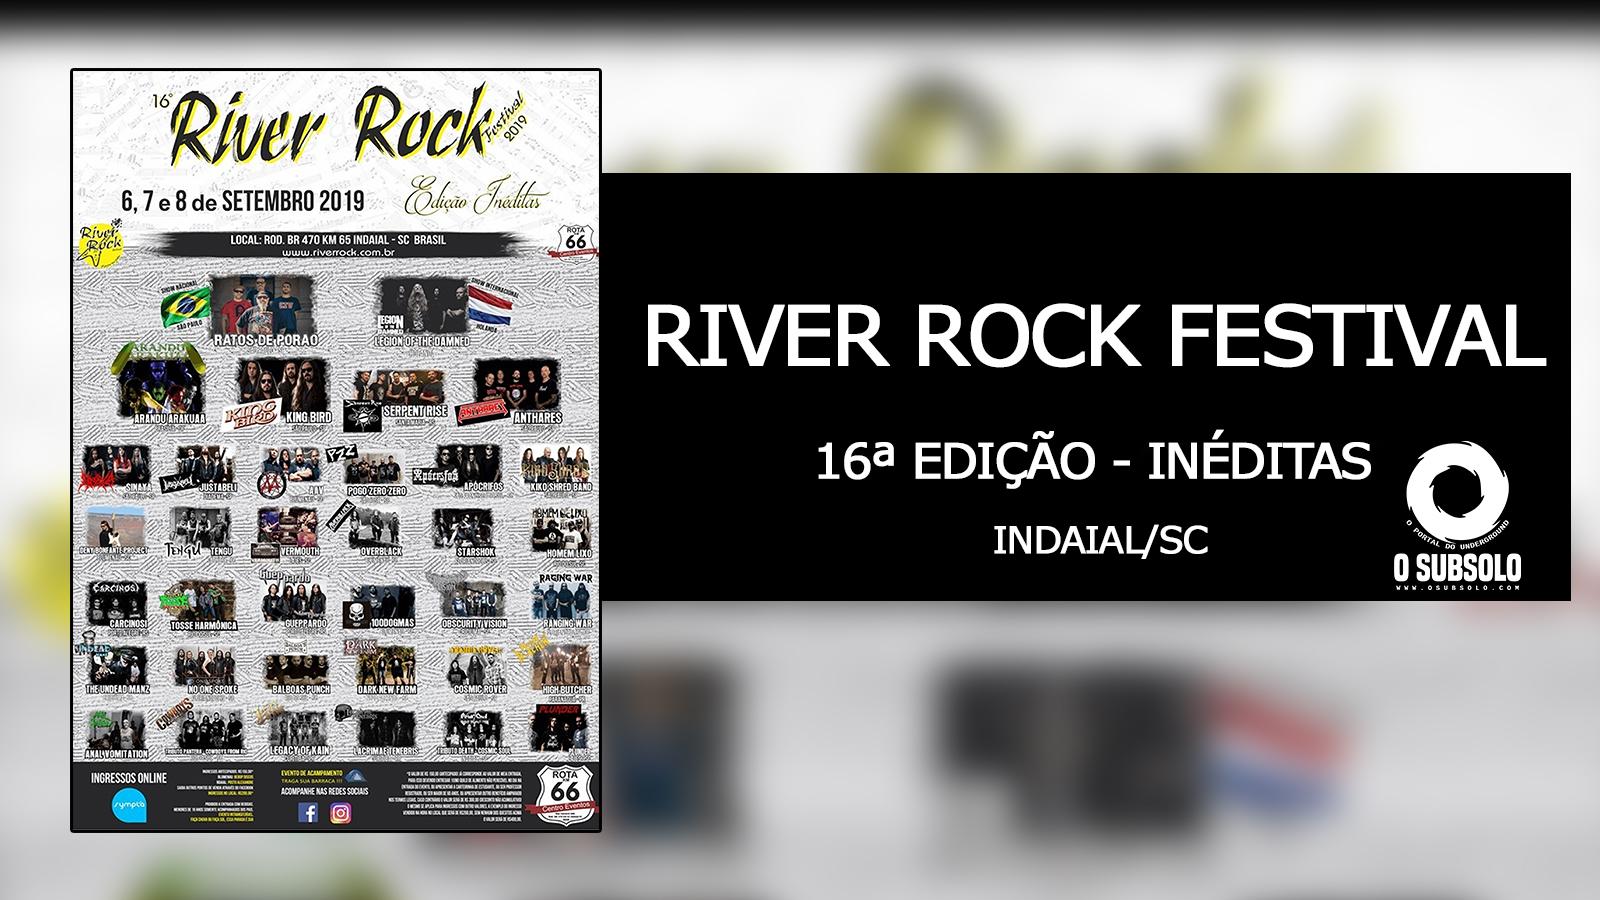 RIVER ROCK FESTIVAL 2019 - INÉDITAS